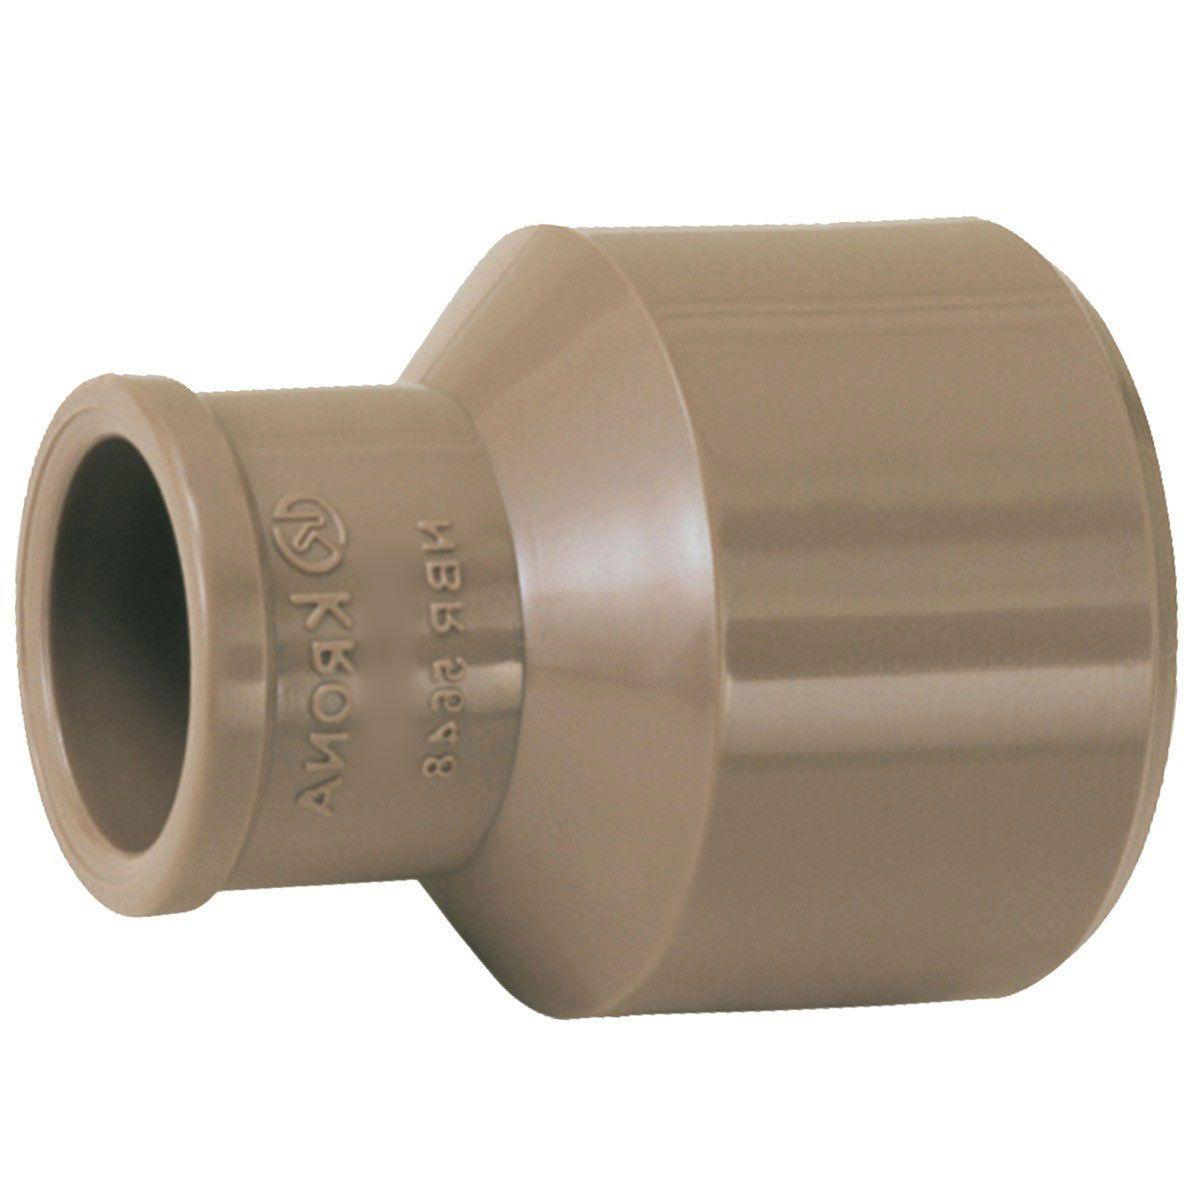 Bucha de Redução Soldável Longa - Krona - 60X25mm  - MixVidas - Sistemas Aquapônicos e Multitróficos